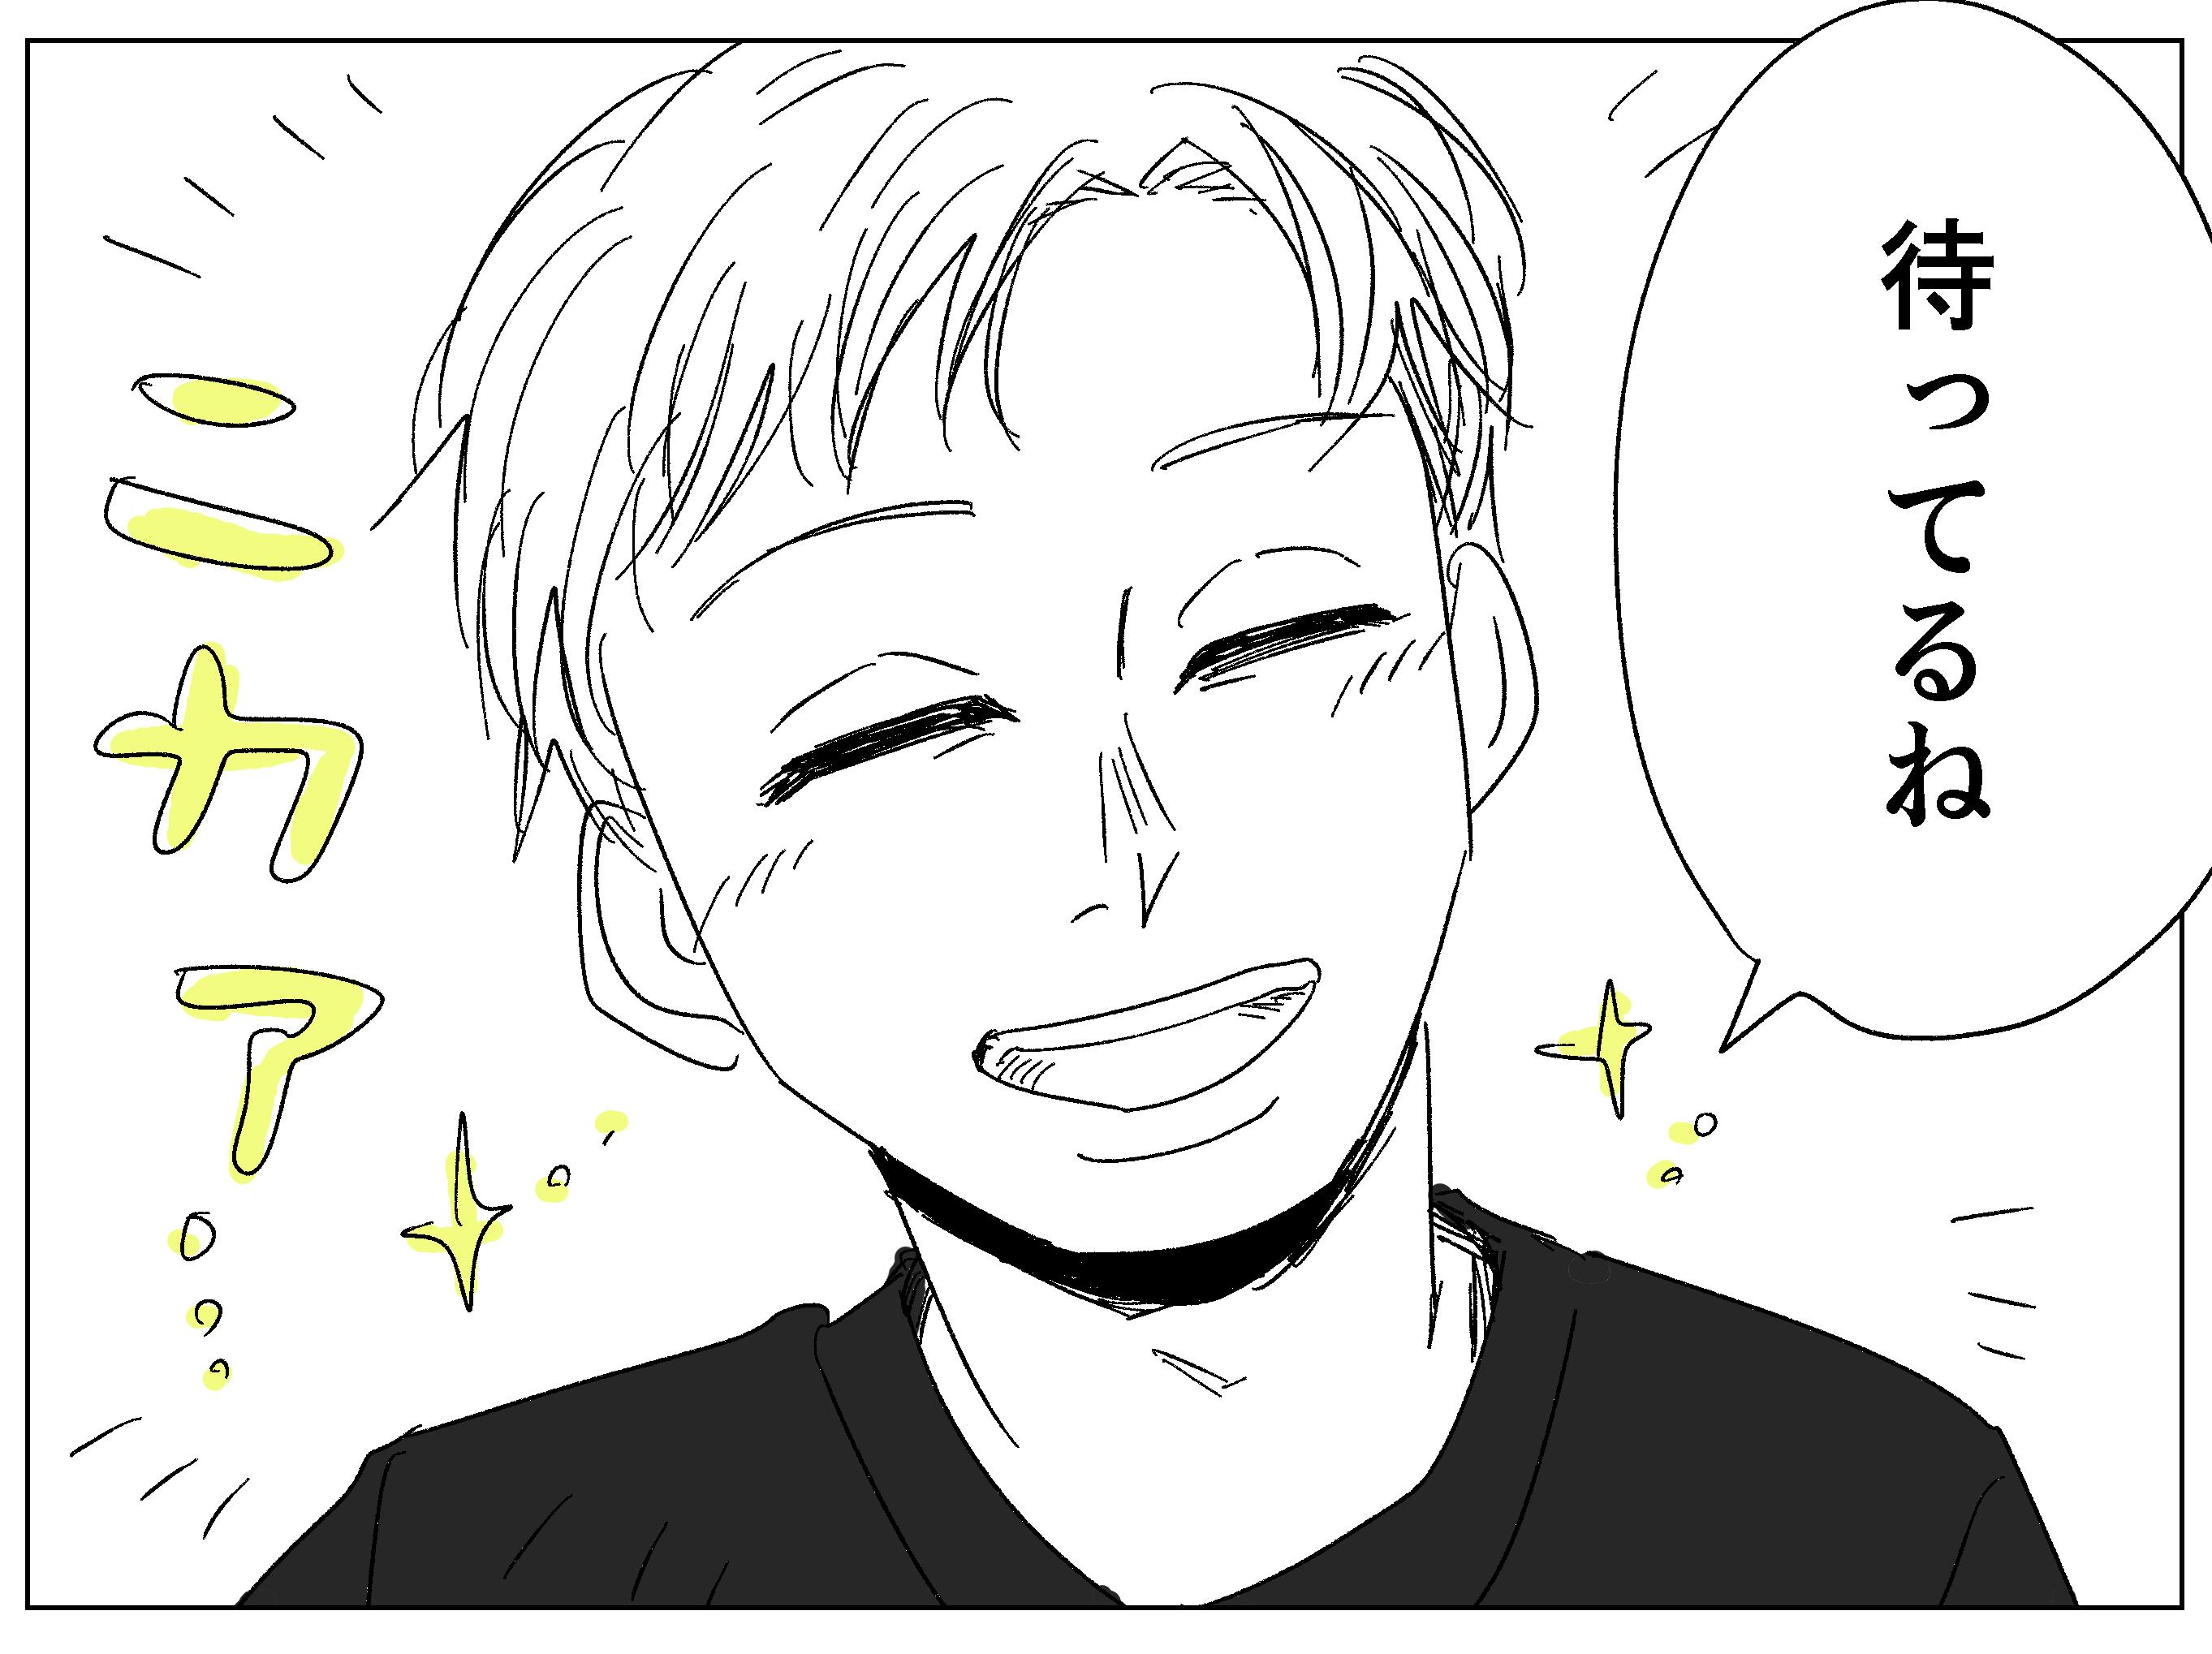 【漫画】「何この感じ!?」初めて恋に落ちた日/もしも世界に「レンアイ」がなかったら(6)